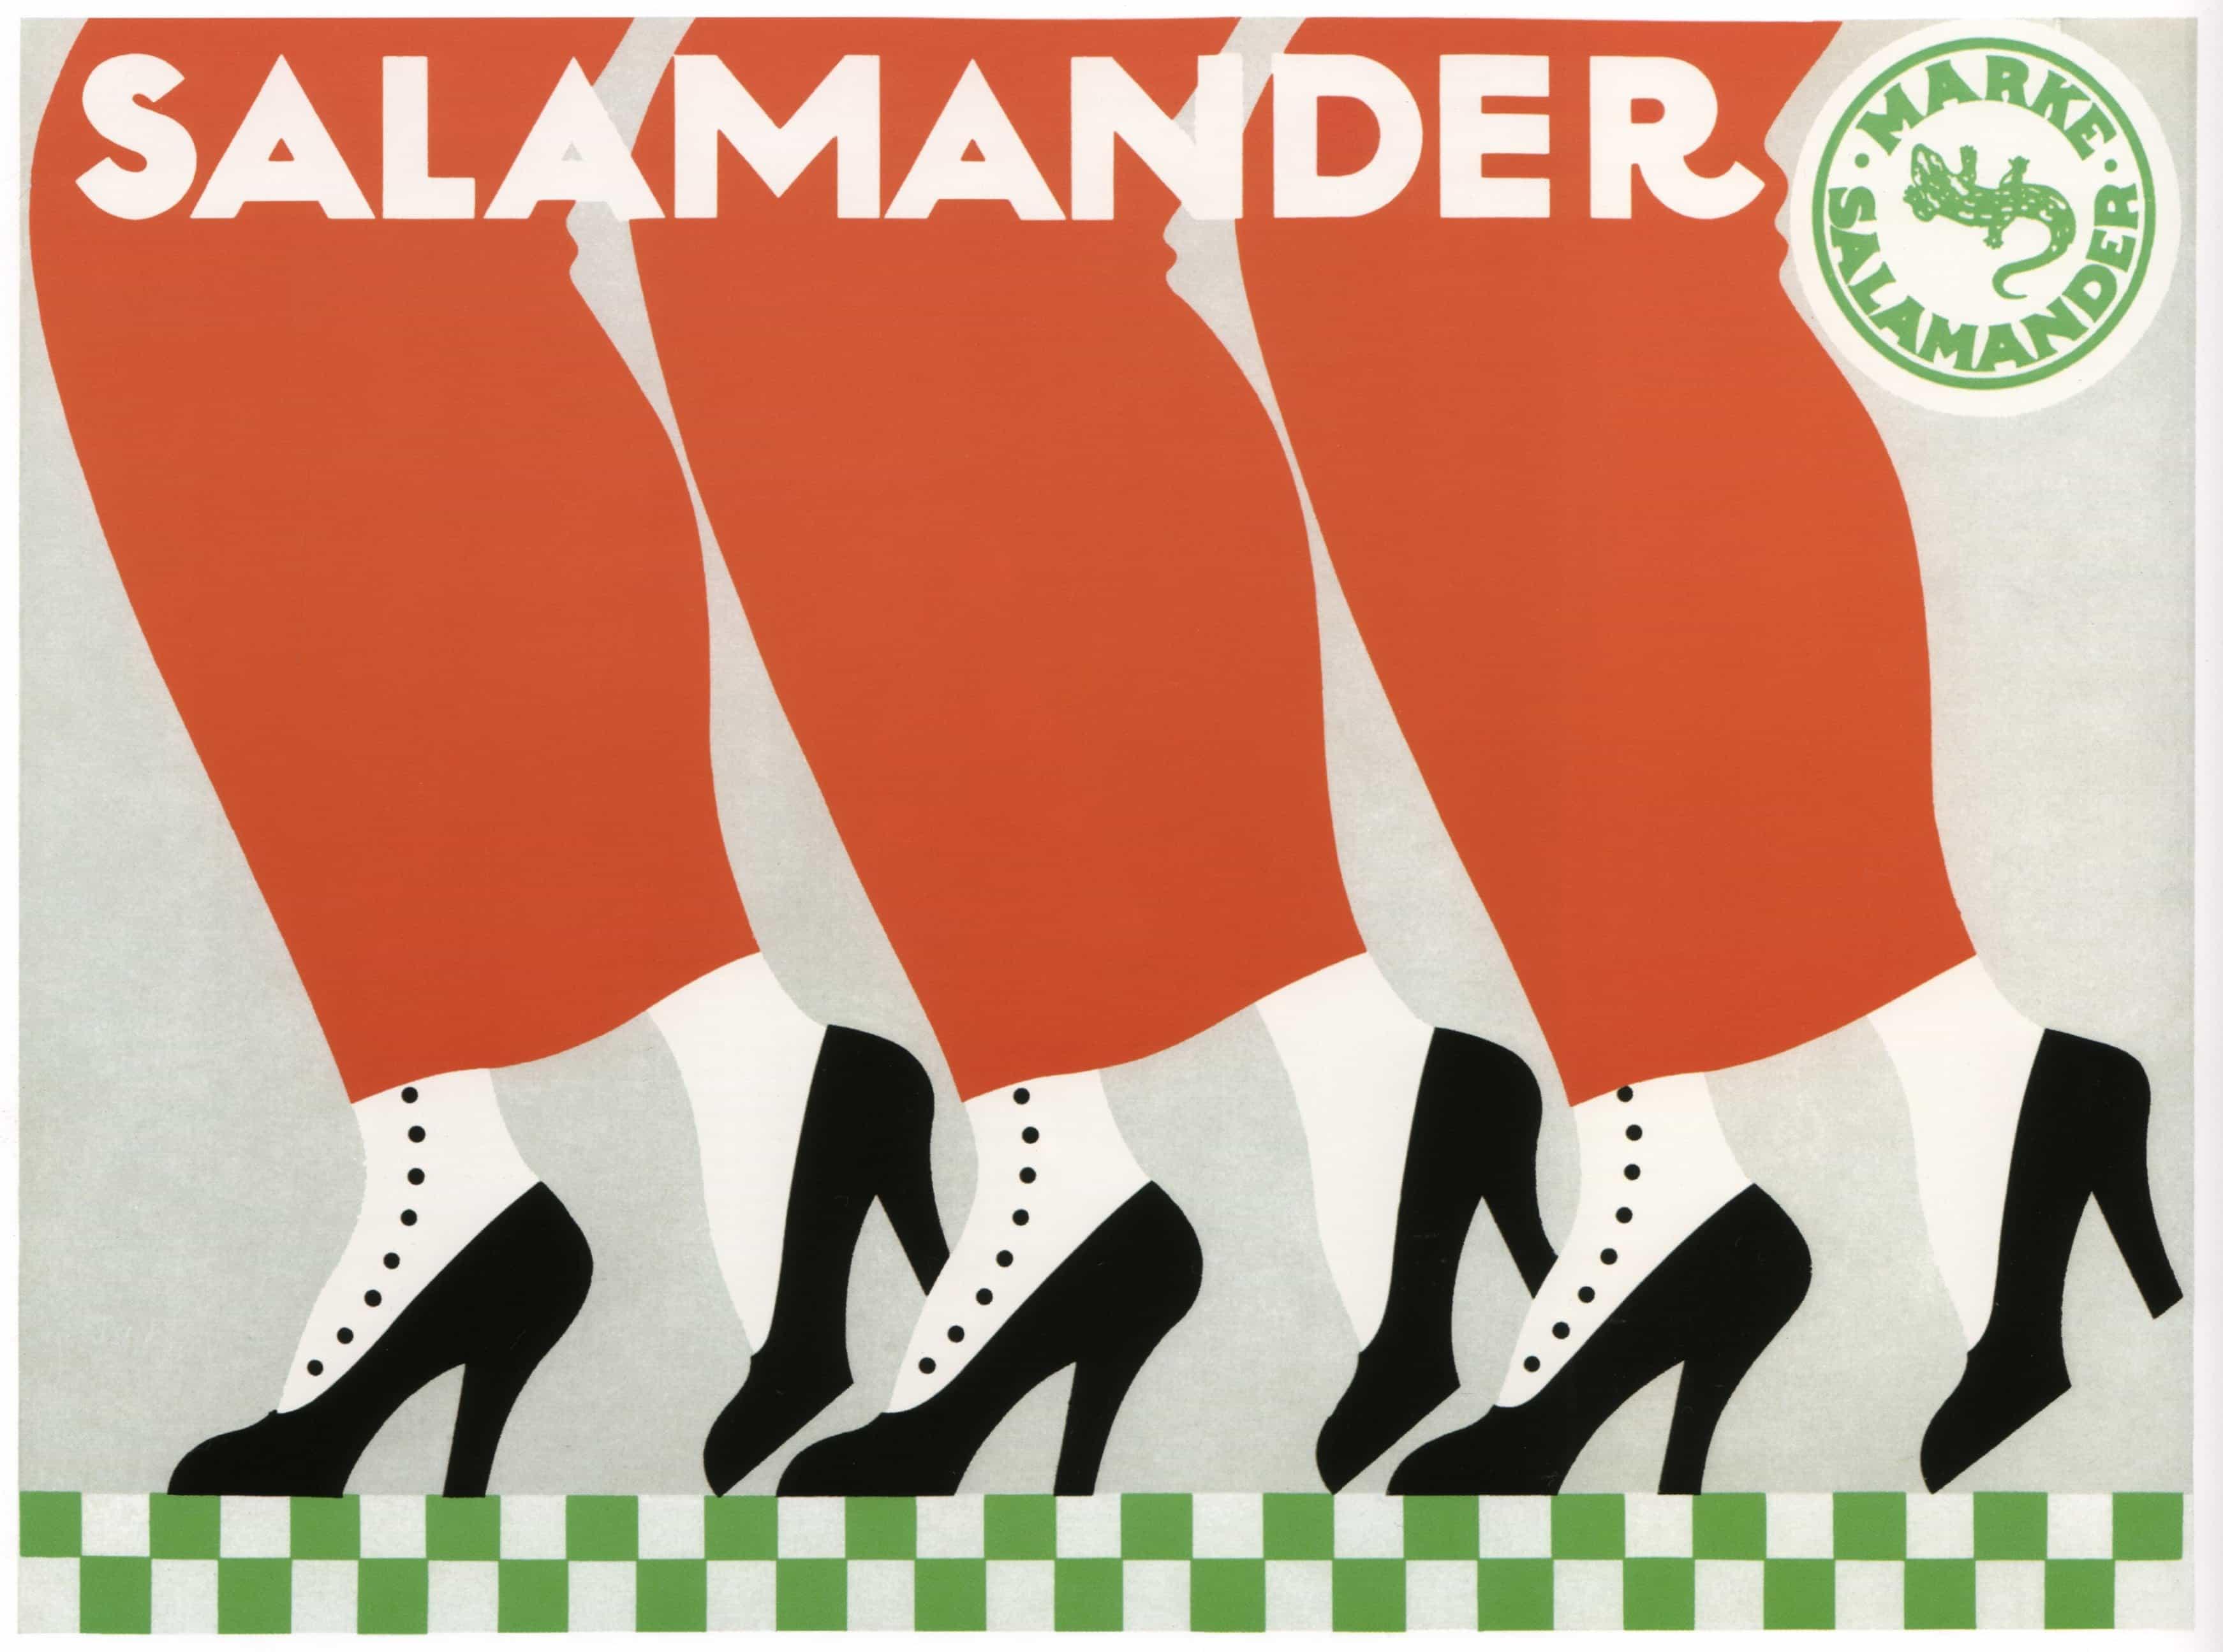 Art Deco Poster 1912 Design Salamander Shoes Dated SzMpLVGqU